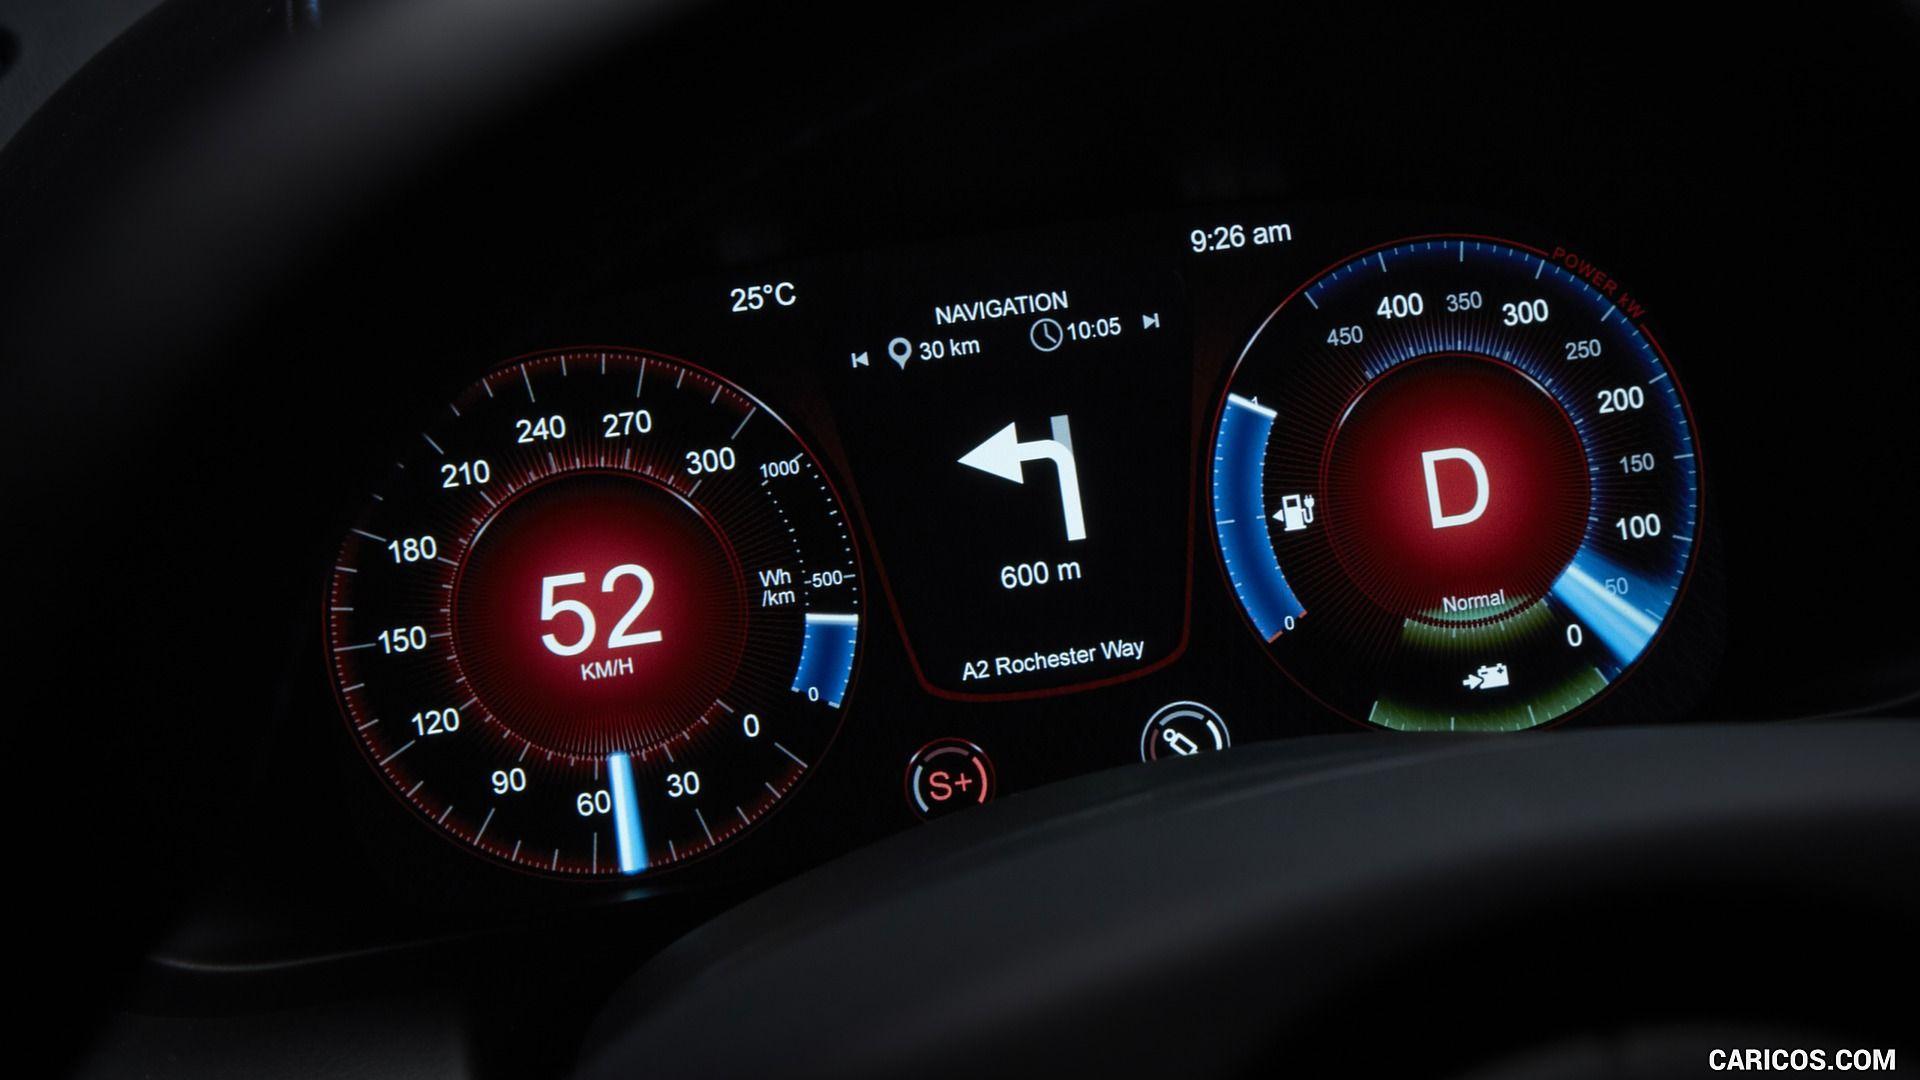 2020 Aston Martin Rapide E Wallpaper Aston Martin Aston Martin Rapide Electric Car